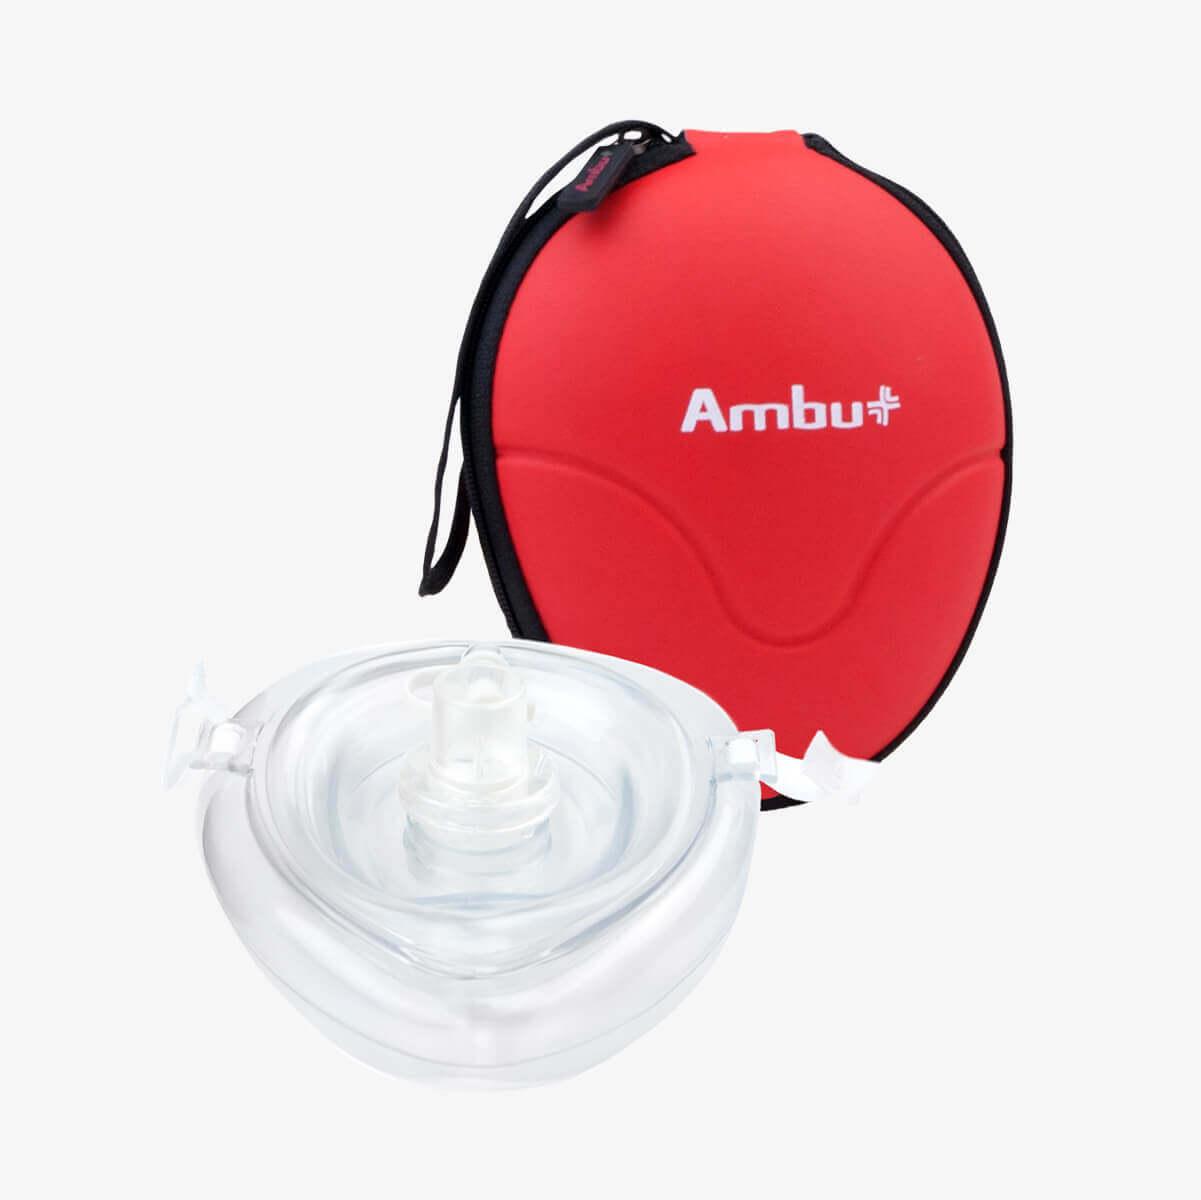 Beatmungsmaske für die hygienische Notfallbeatmung